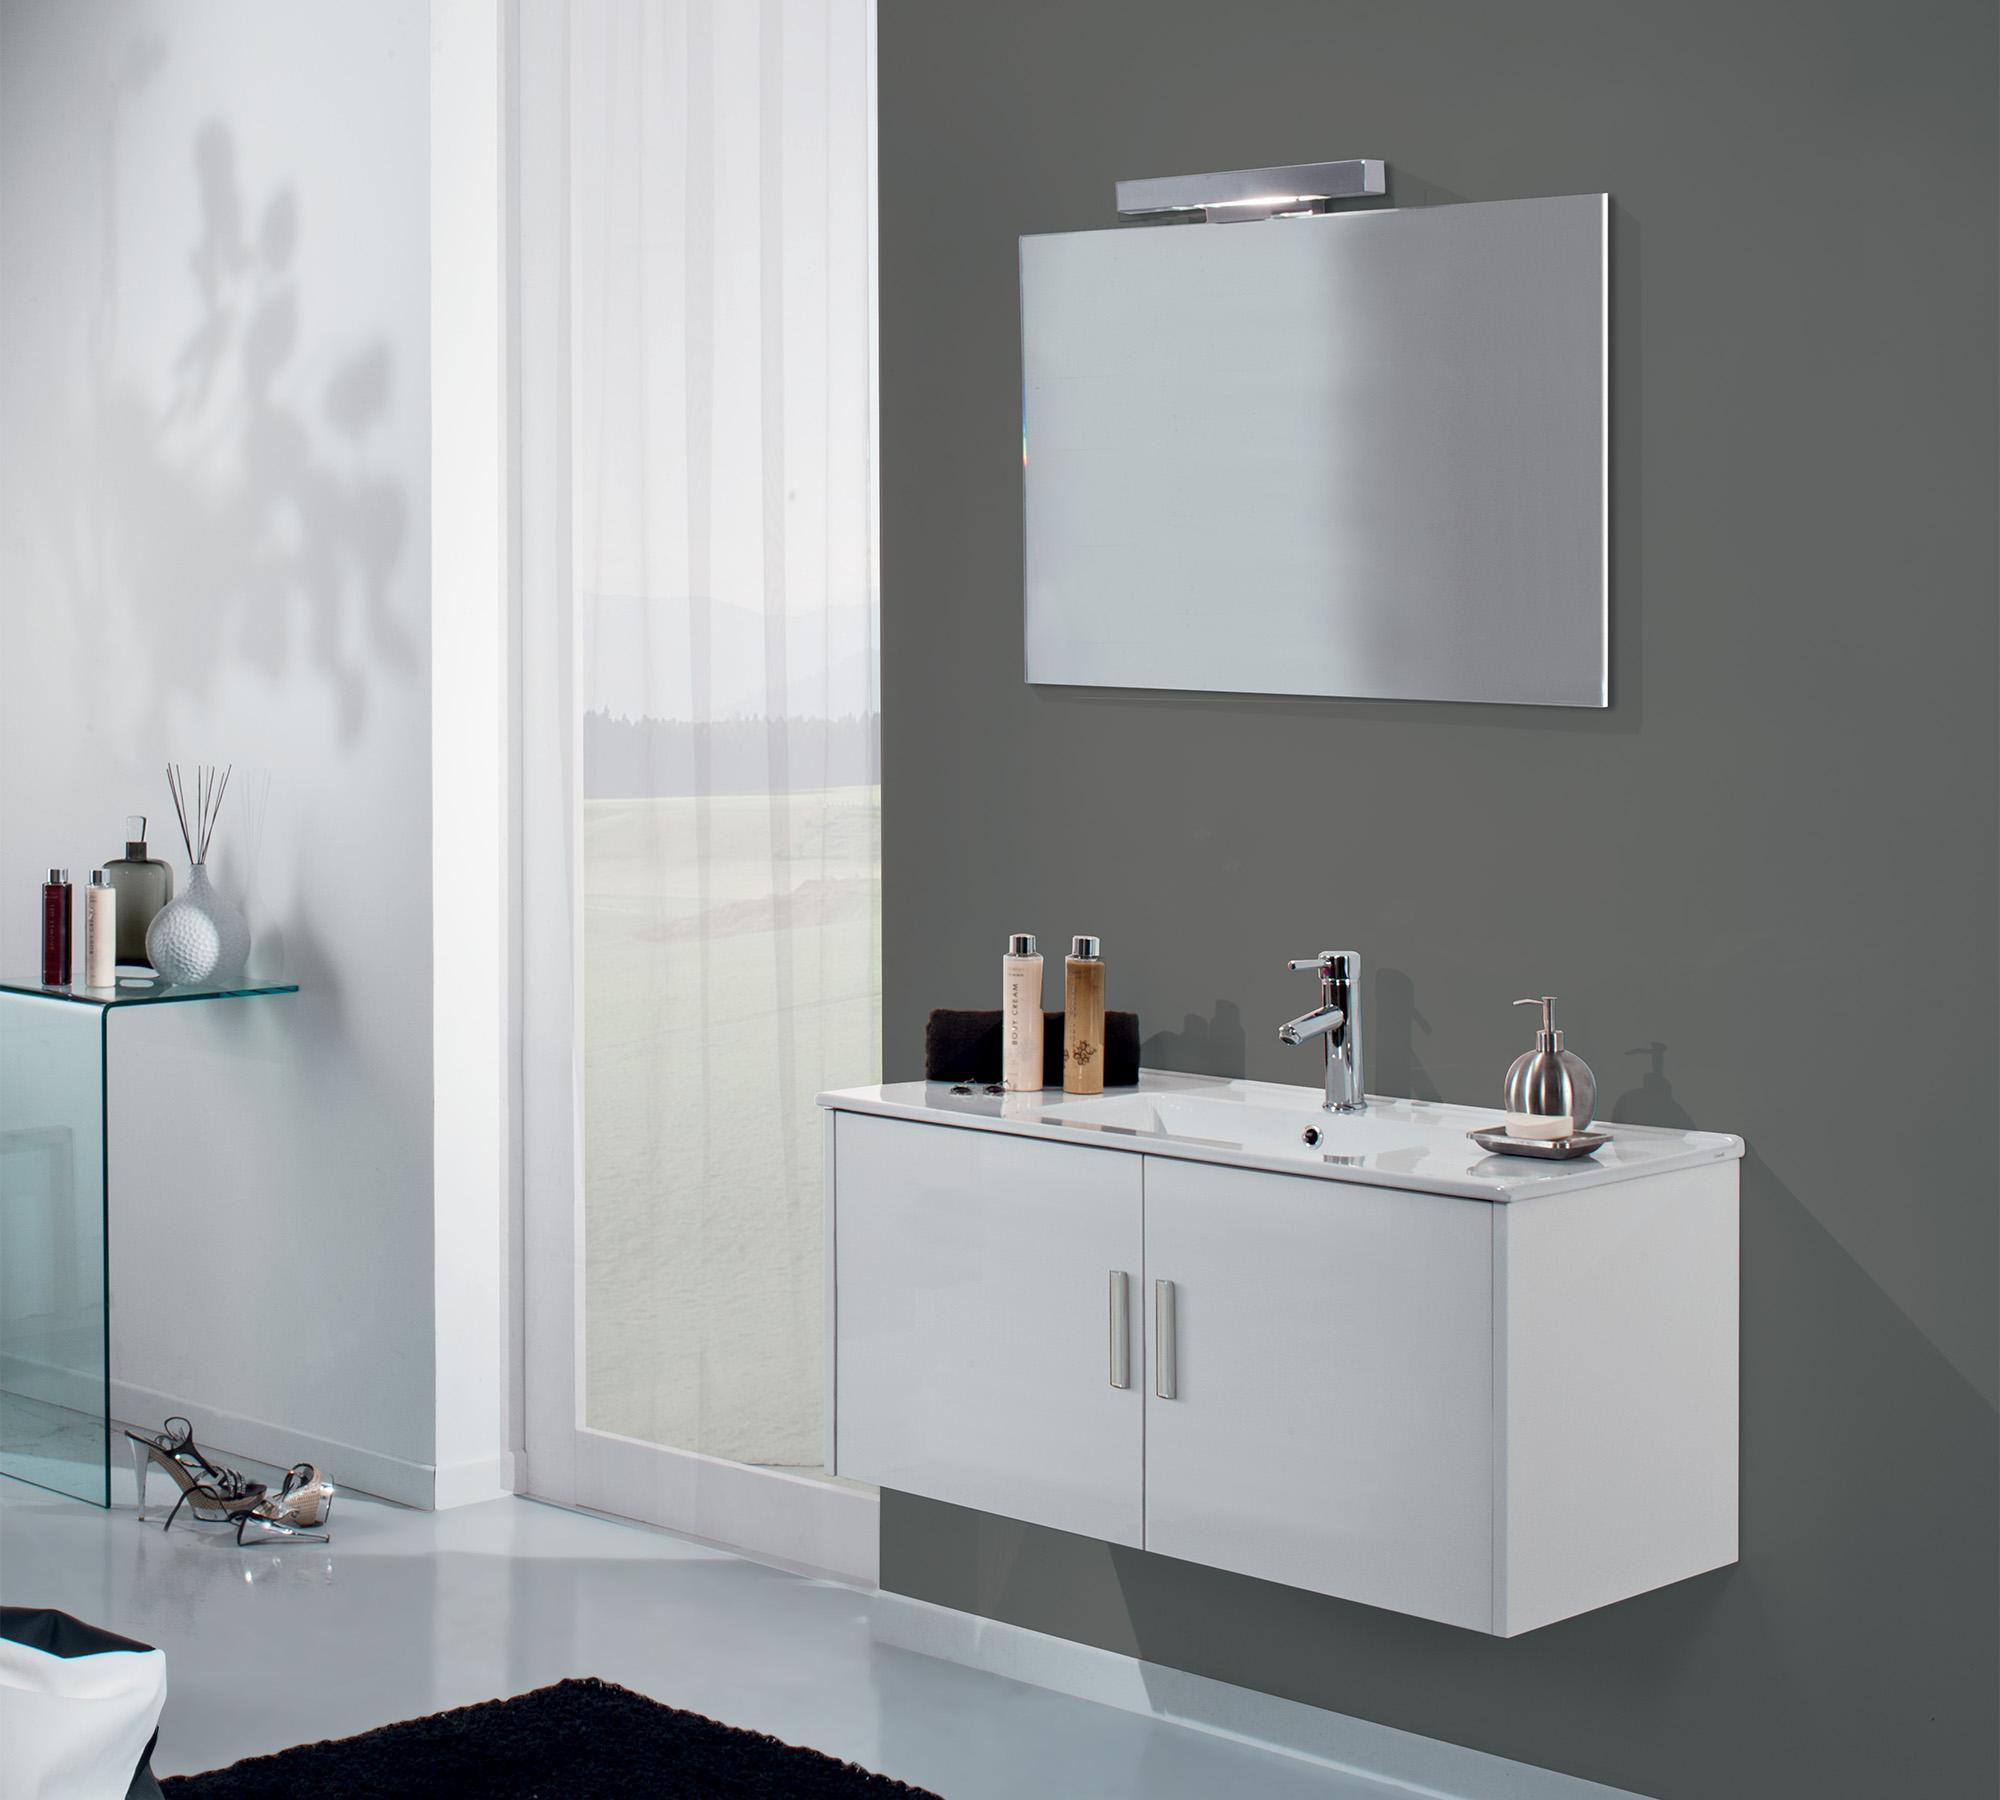 Mobile Bagno Design Outlet | Arredo Bagno Outlet On Line